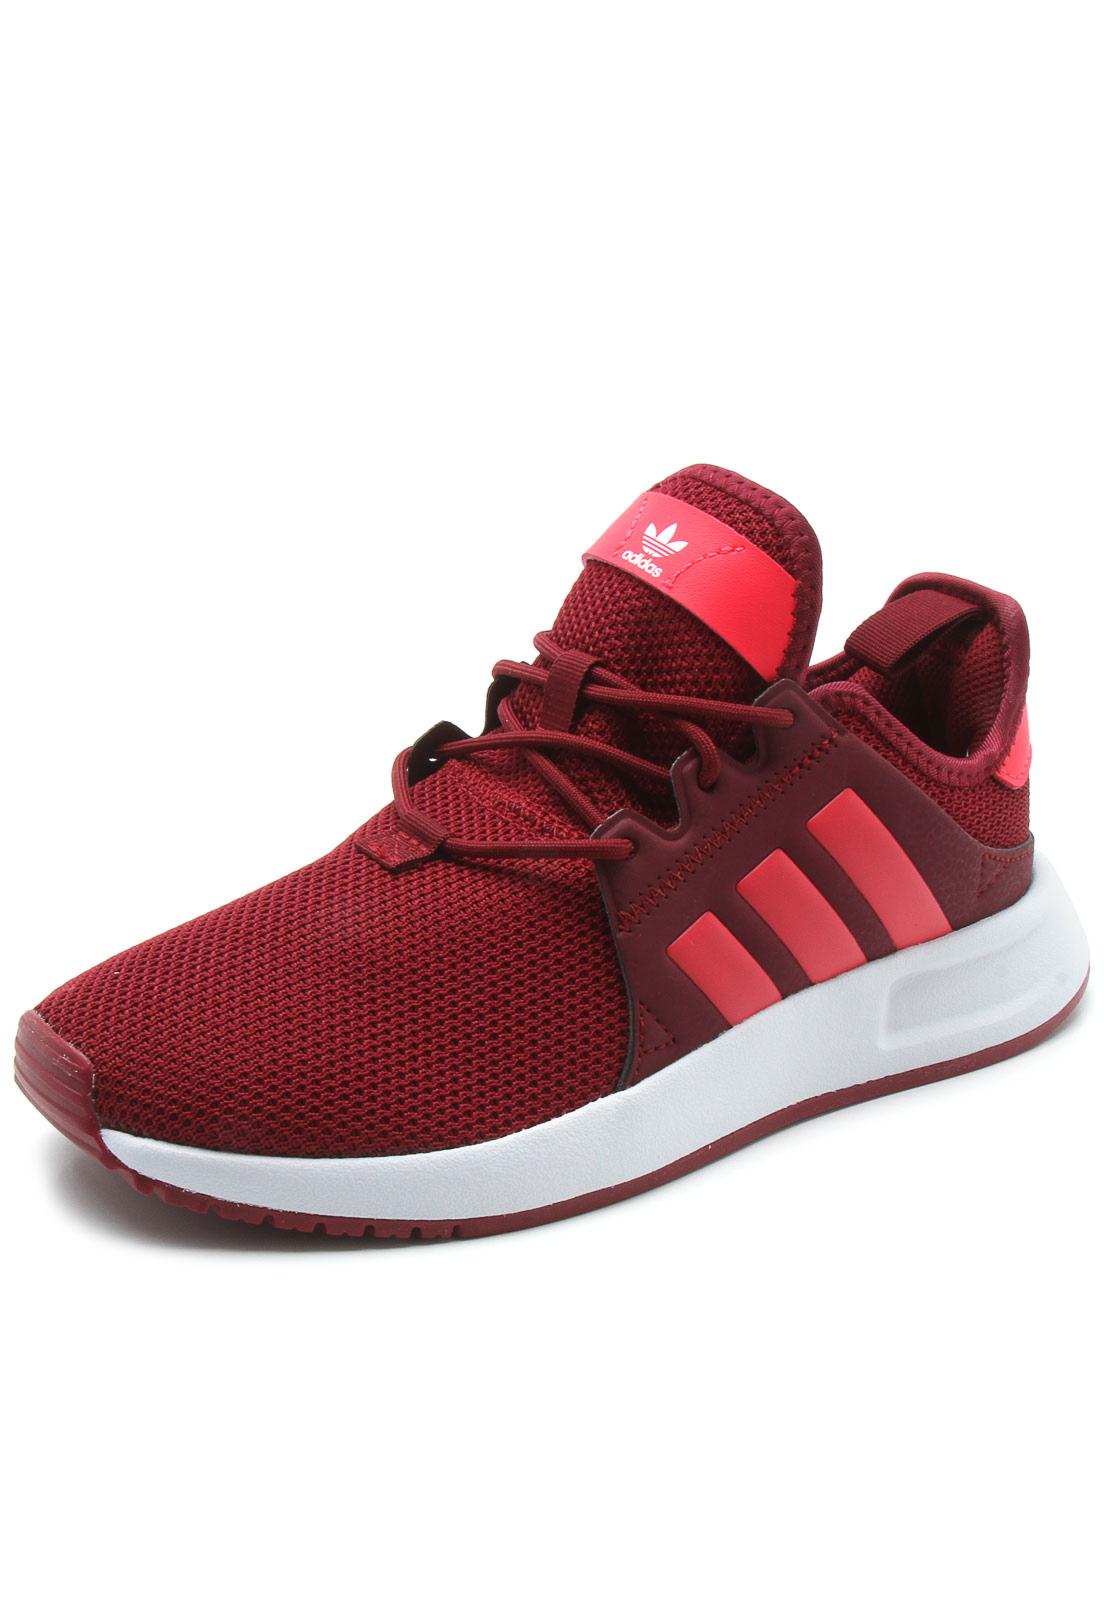 ilegal cráter Obediencia  Tênis adidas Originals X Plr J Vermelho   Tenis vermelho, Sapatos brancos  adidas, Sapatilhas adidas